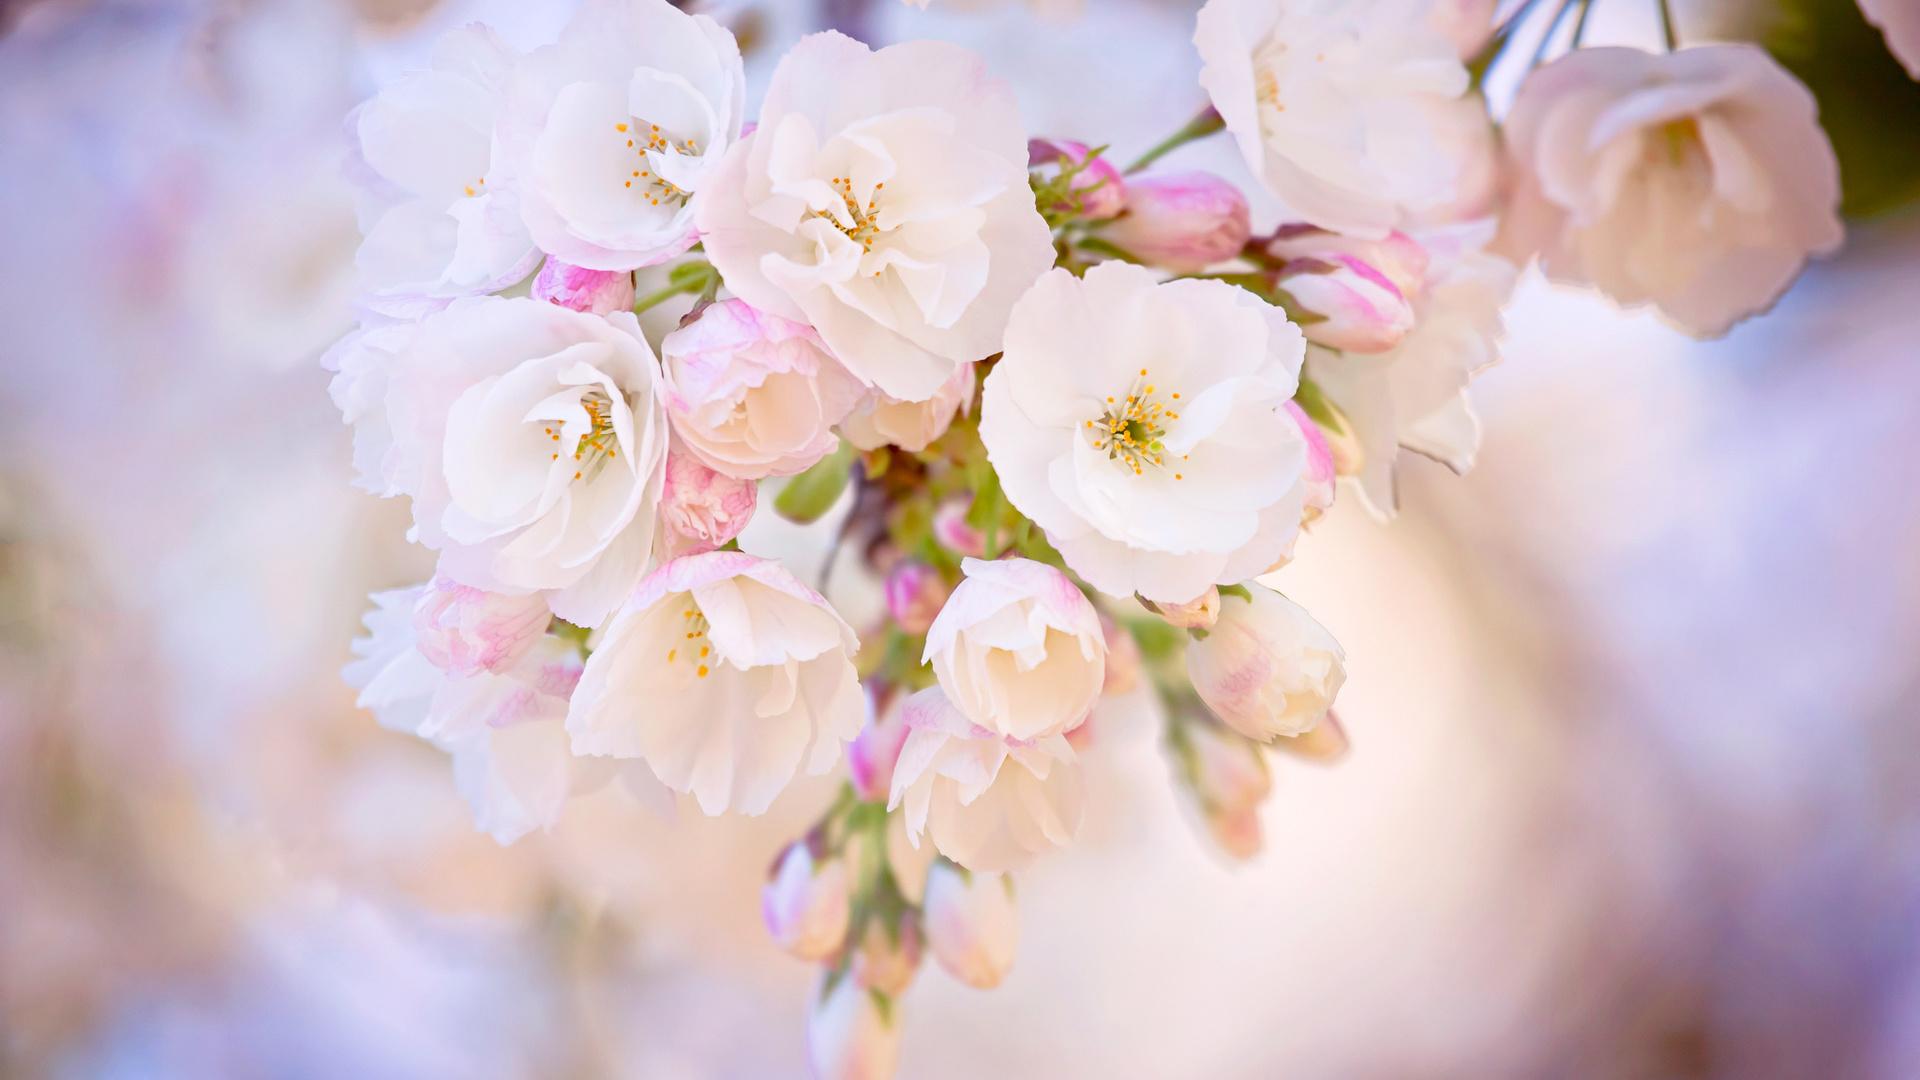 Красивые картинки на рабочий стол весна 35 фото